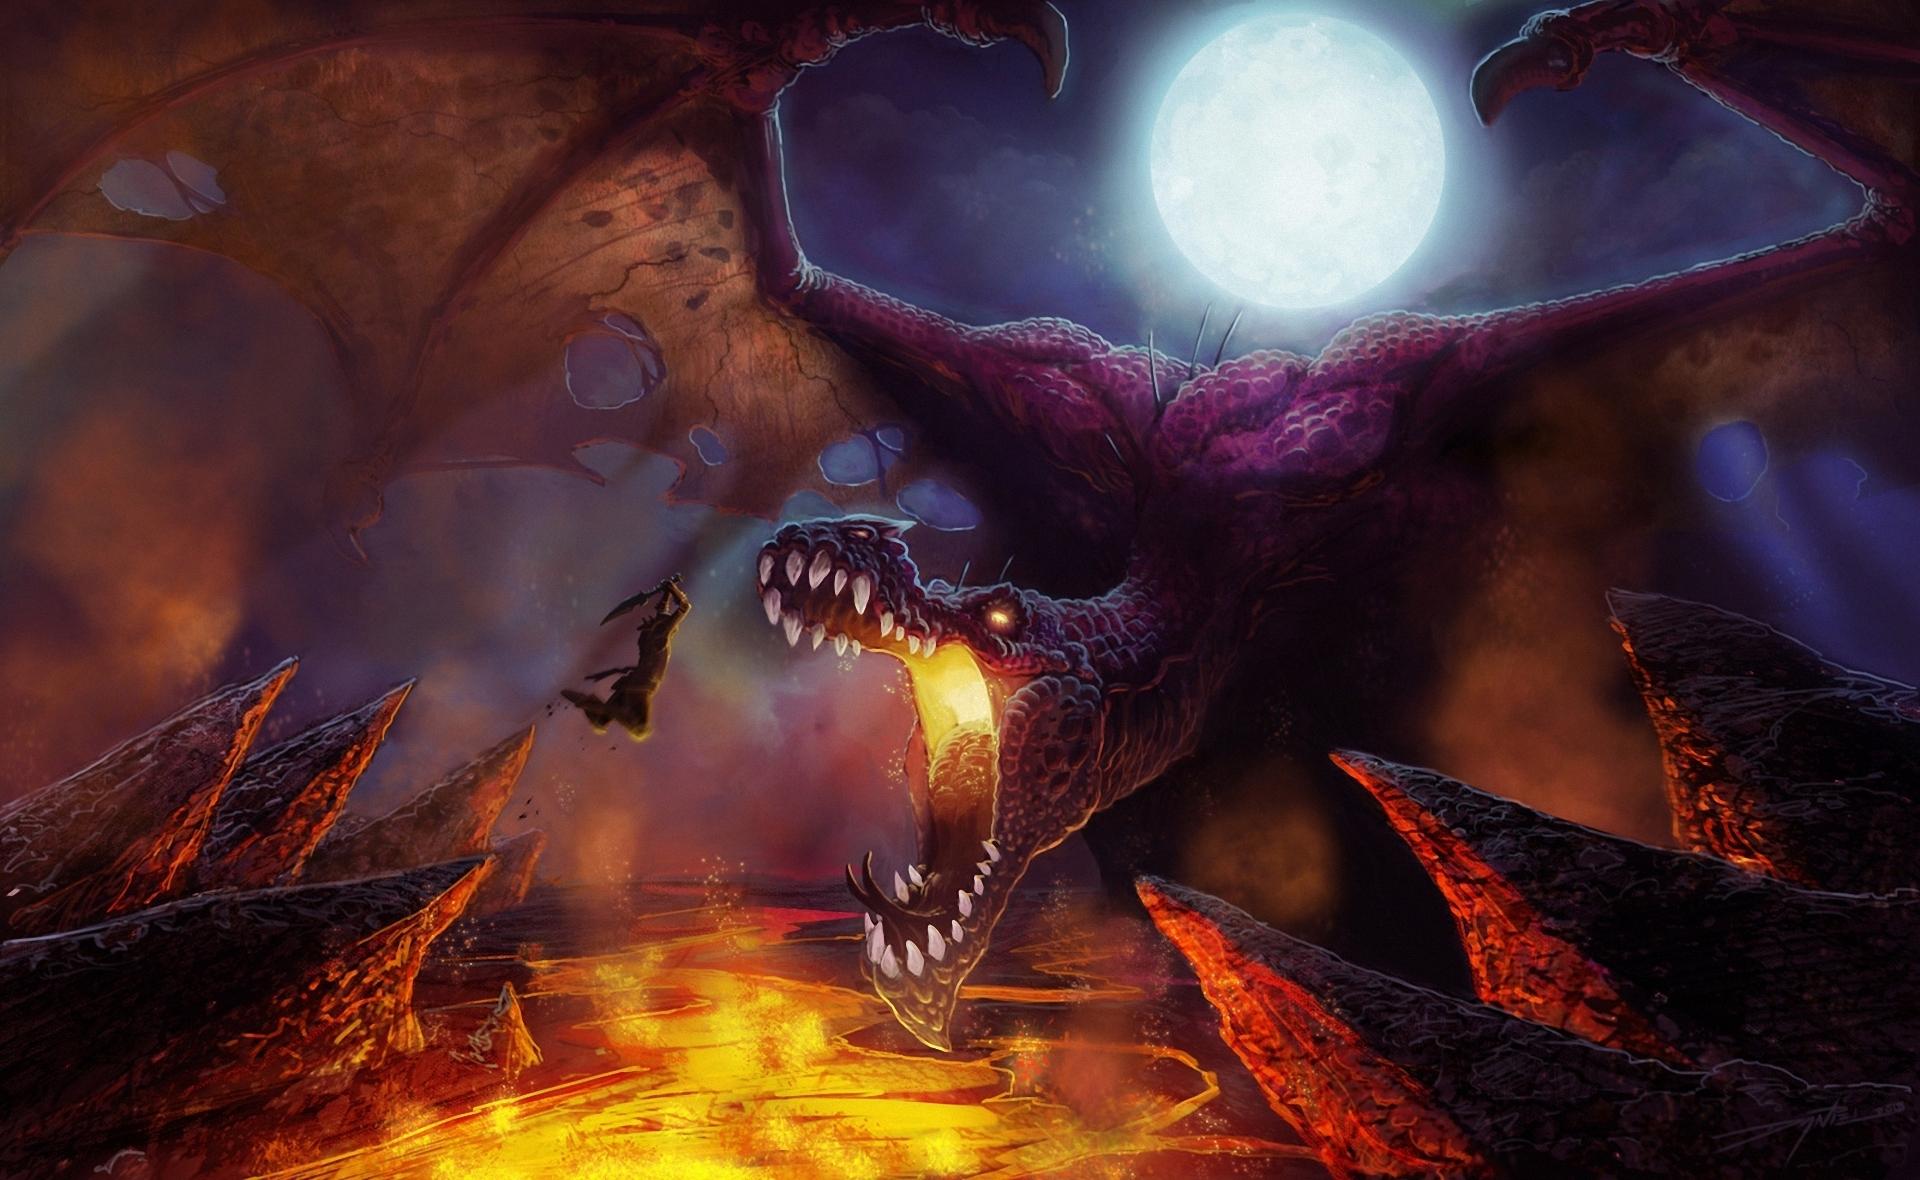 Dragon Roar Wallpaper Dragons Battles Roar Fantasy